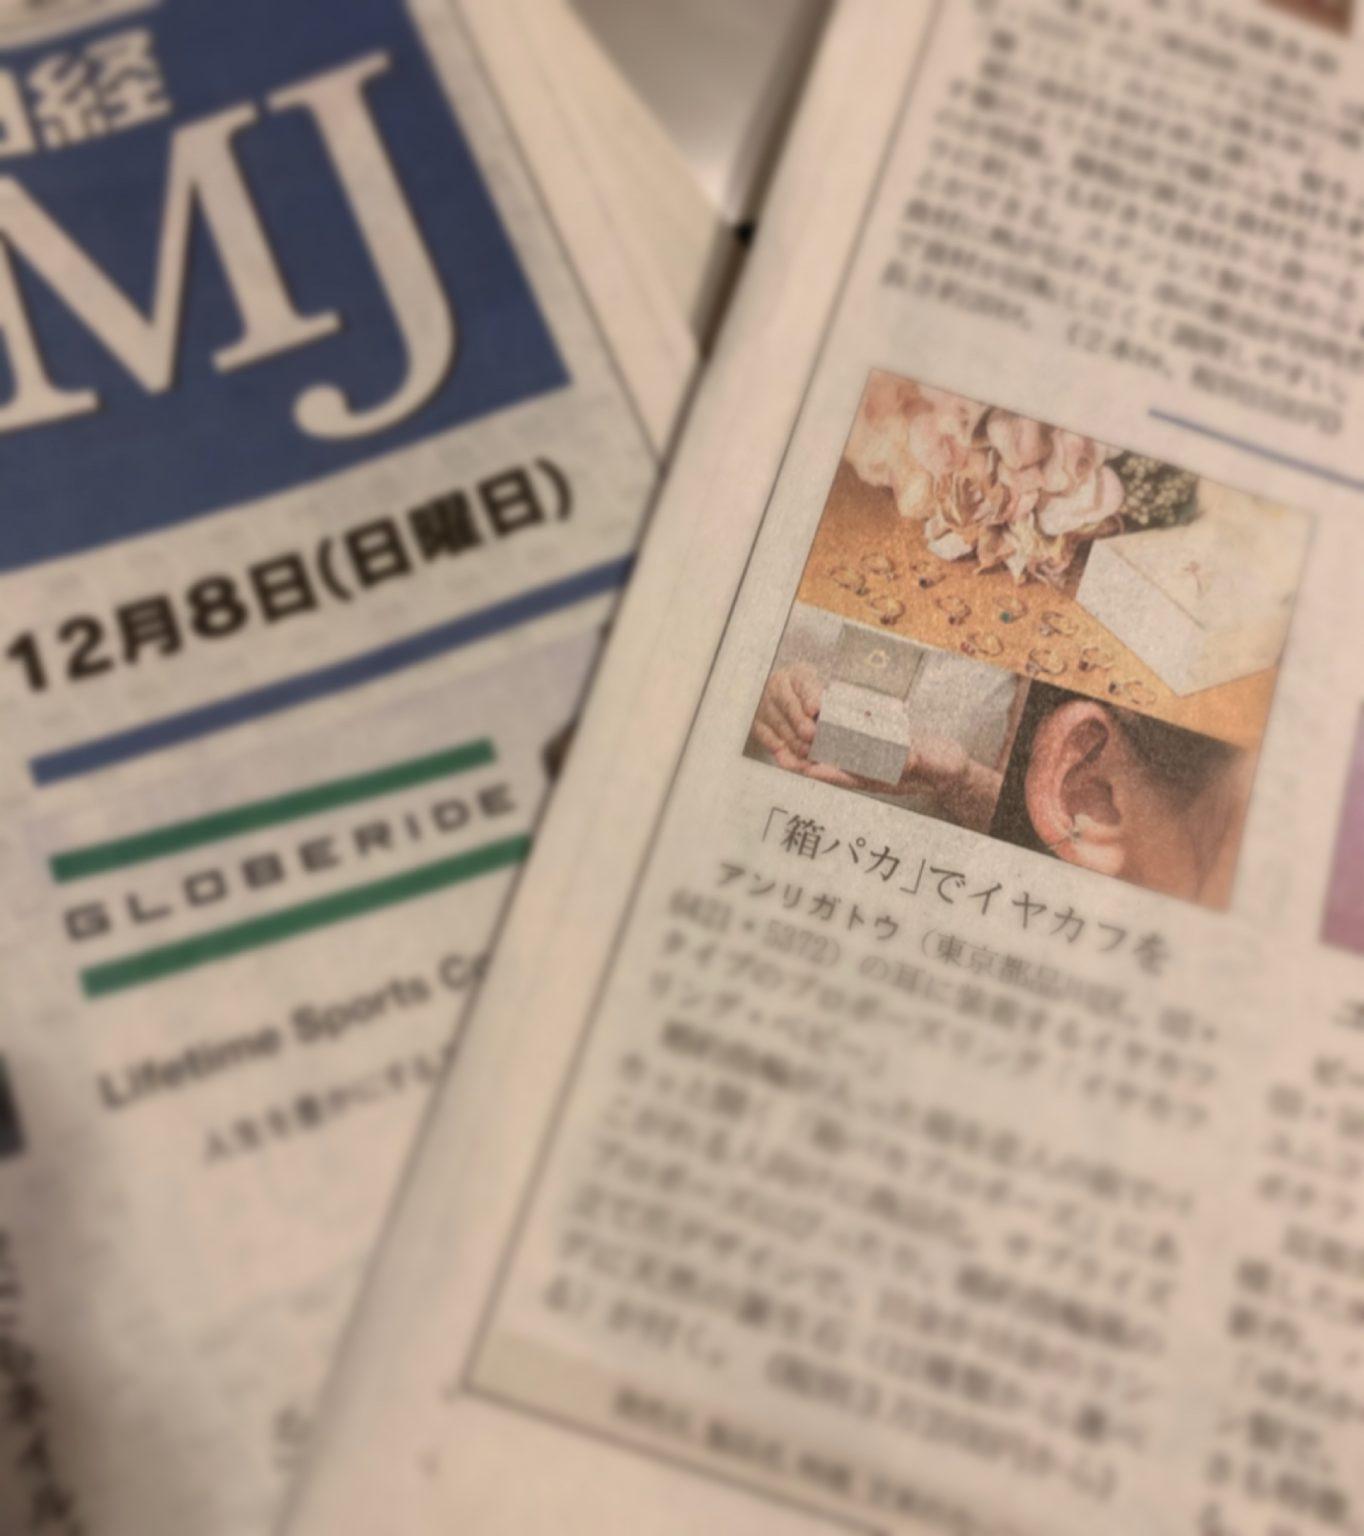 日経MJ12/8イヤカフリング BABY掲載